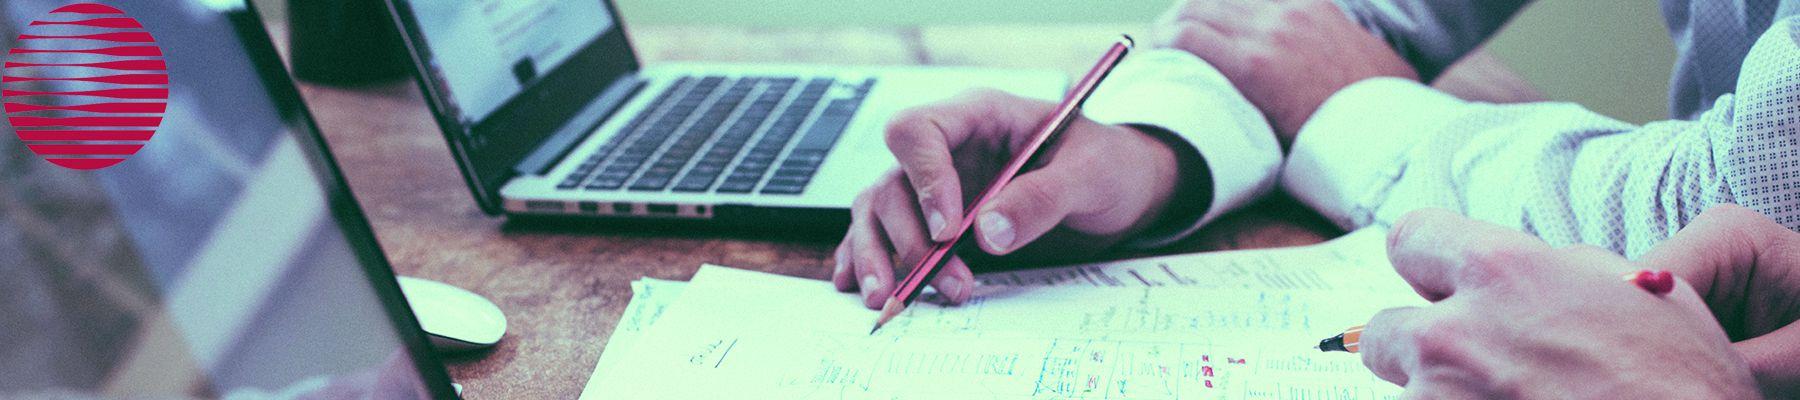 Drucken Sie in Meetings einfach via Smartphone, Tablet oder Laptop. Die Systeme der Bürotechnik Stroh GmbH machen es möglich.